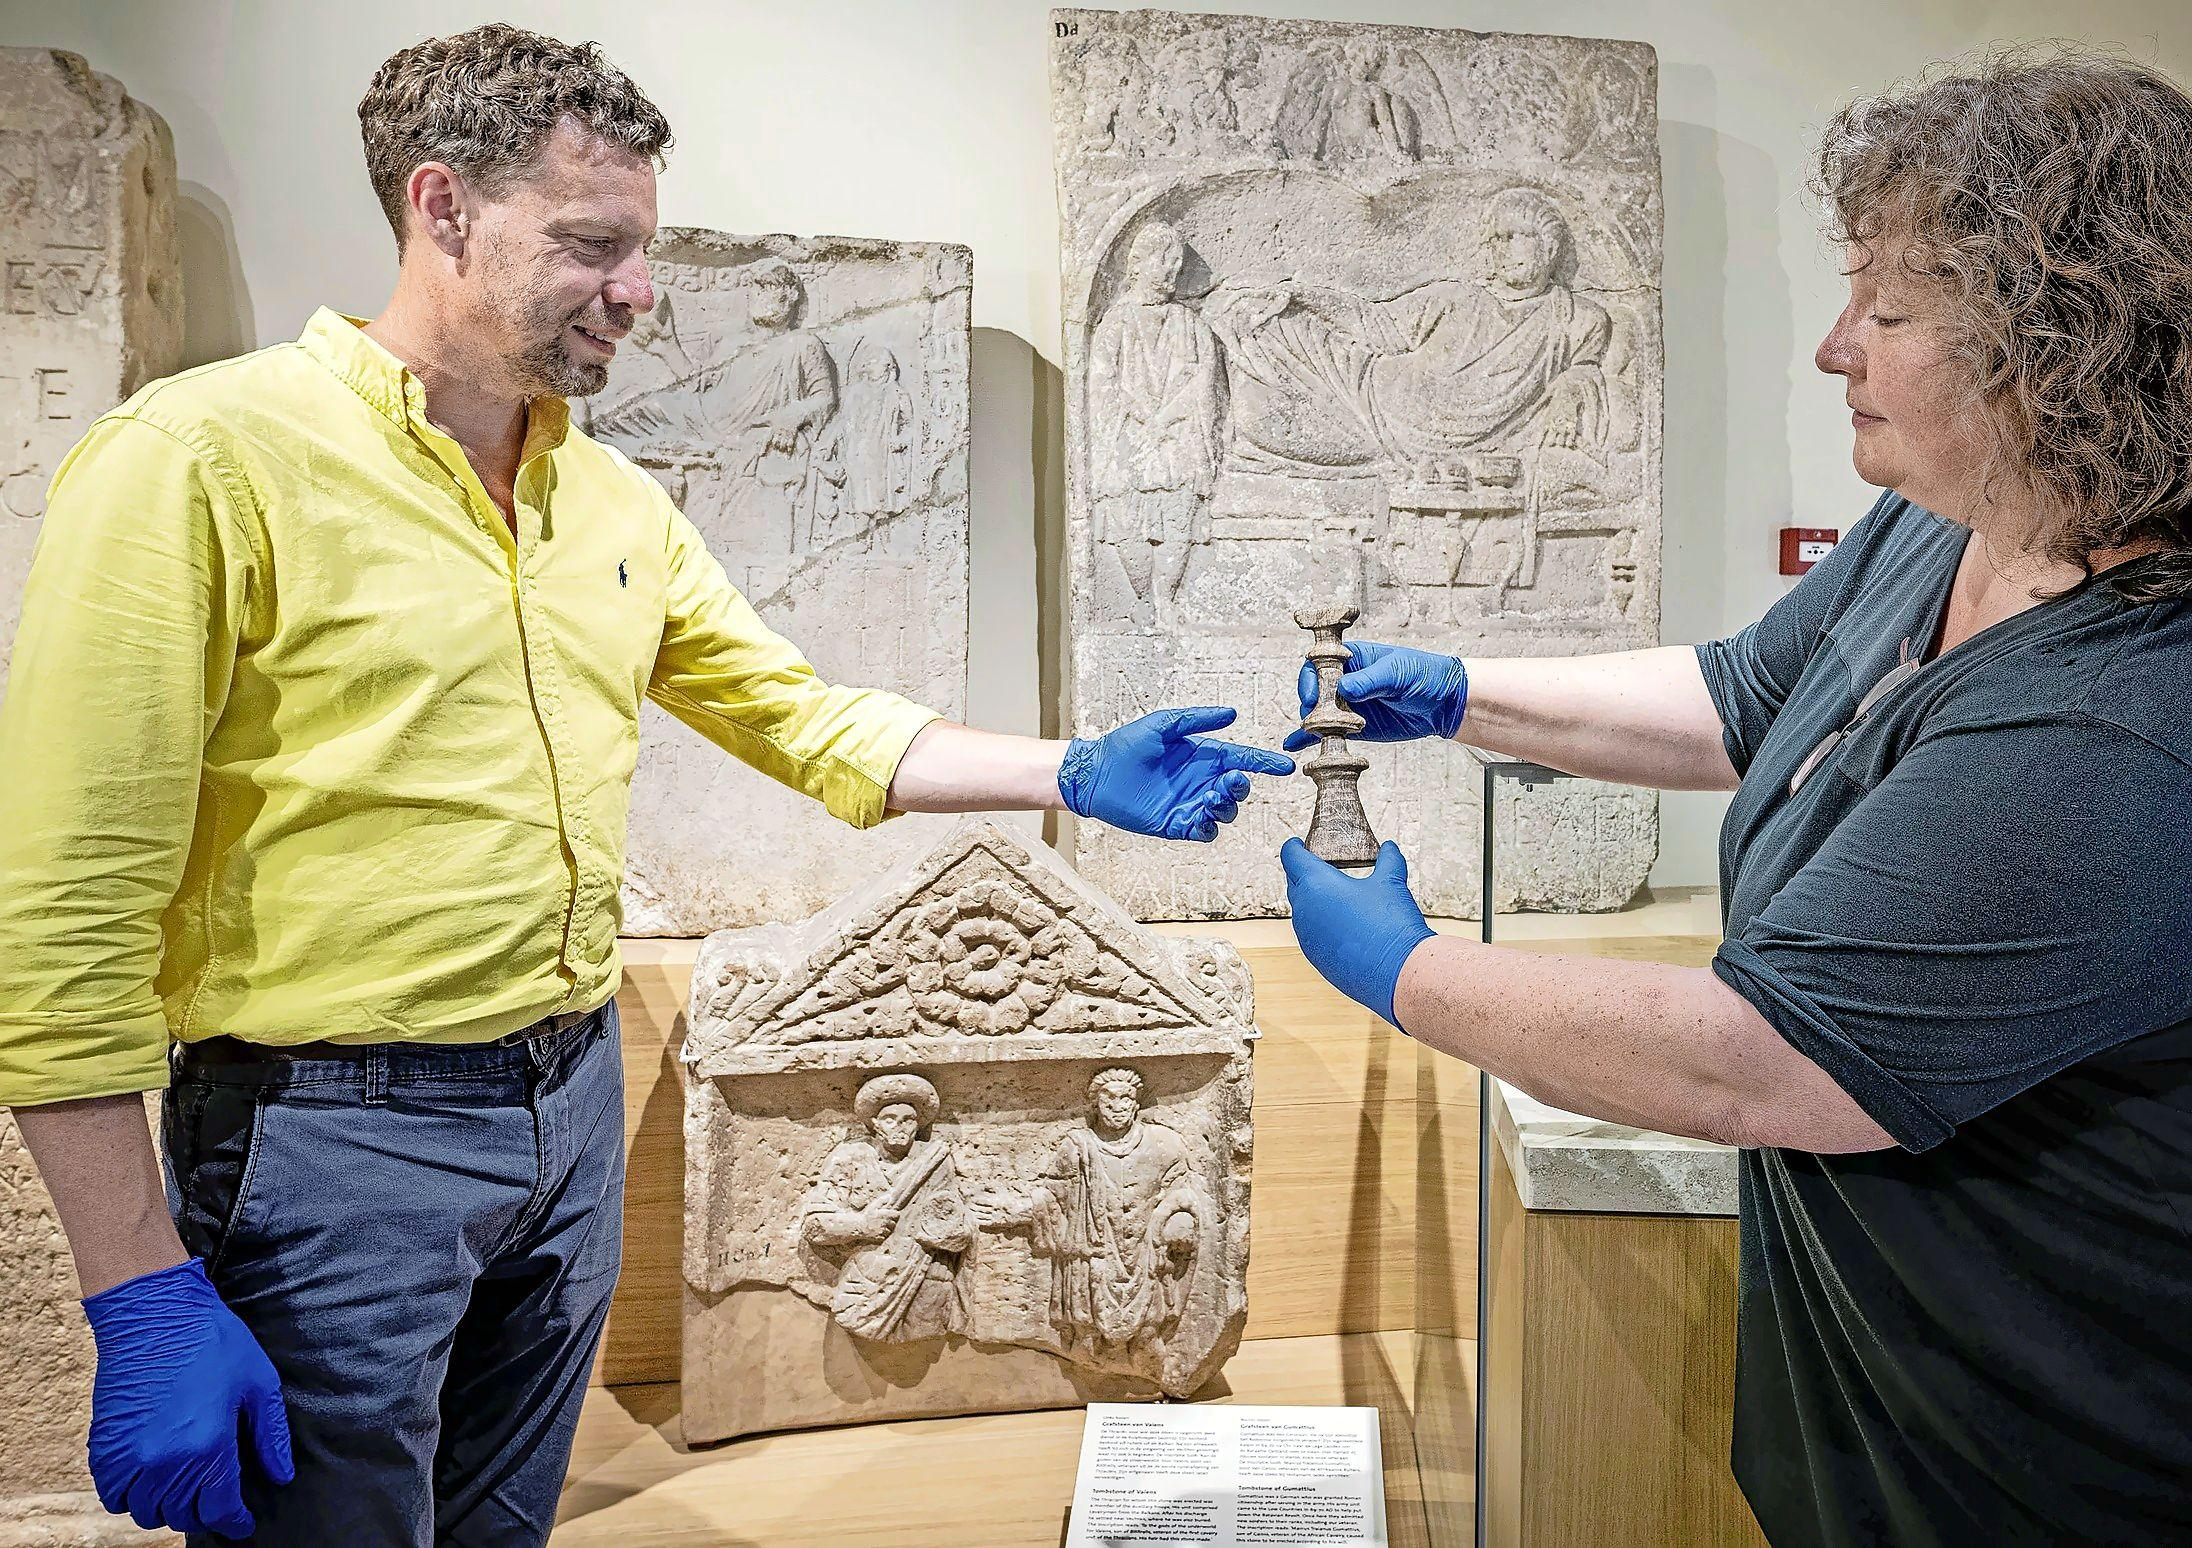 Romeins Fort Velsen herontdekt: een 'archeologische toplocatie', zegt conservator Leids museum RMO